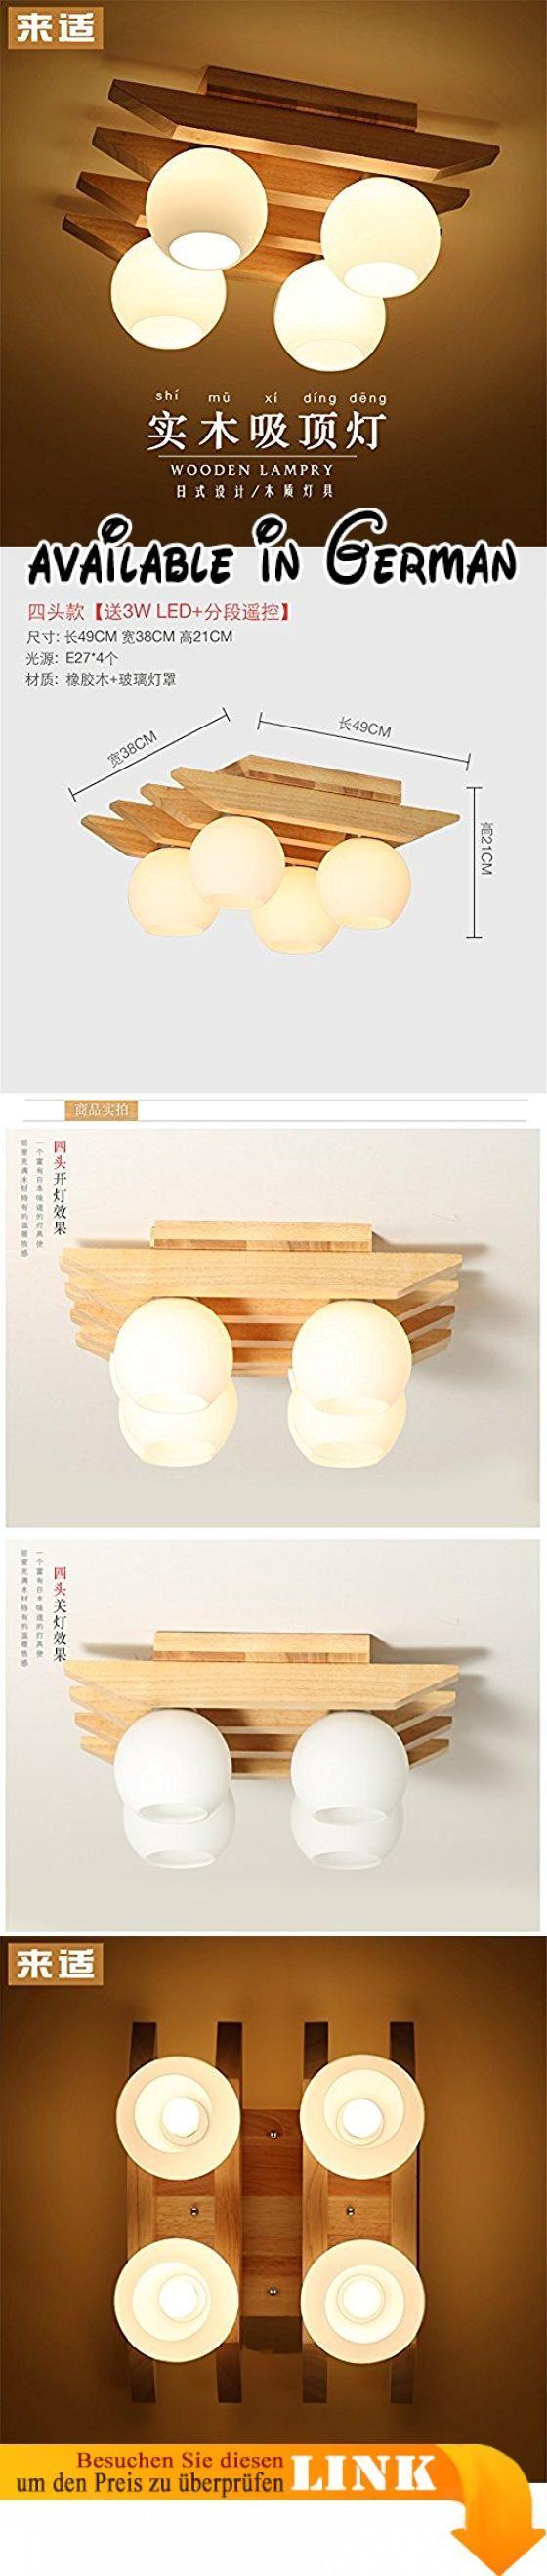 BRIGHTLLT Deckenlampe Einfache japanische LED Neue chinesische ...